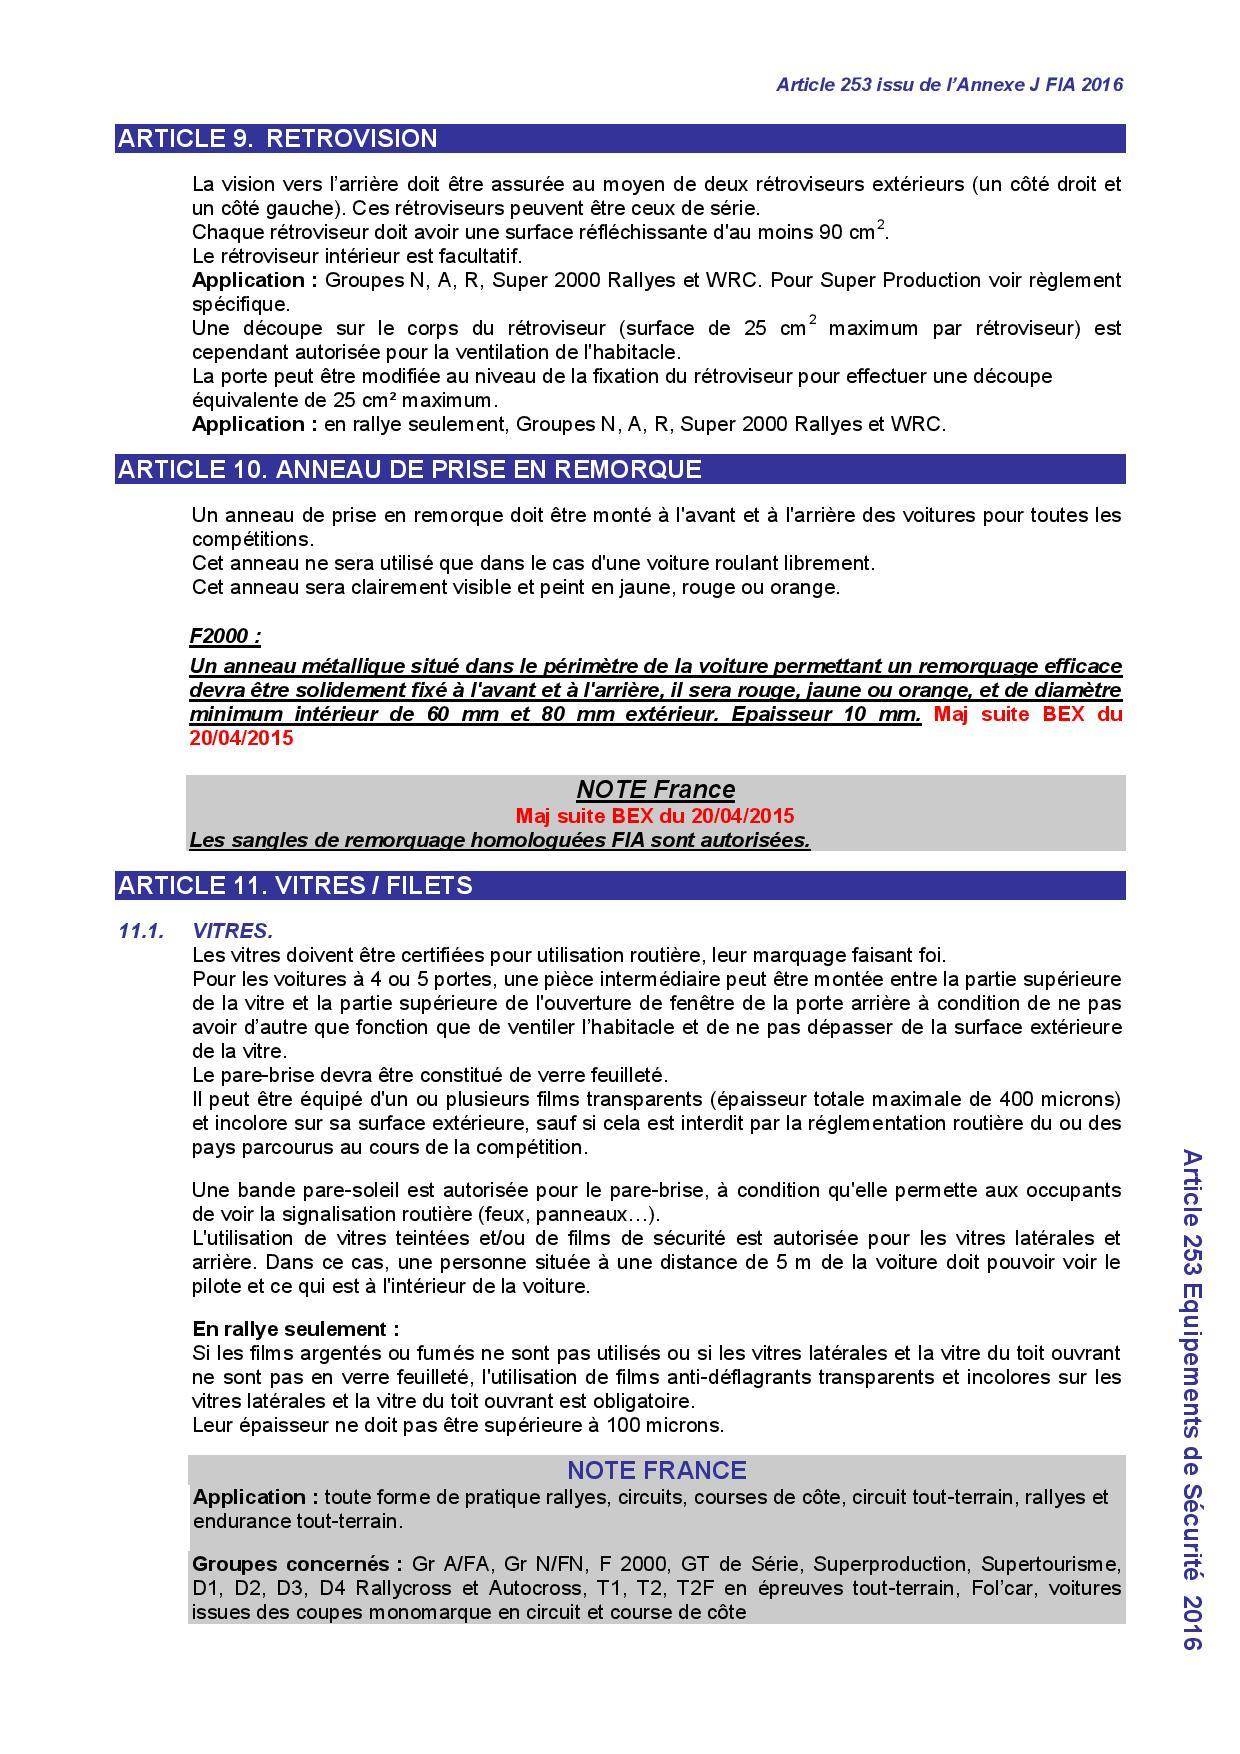 La Twingo 1 Rallye f2011 57206ea20b3d0